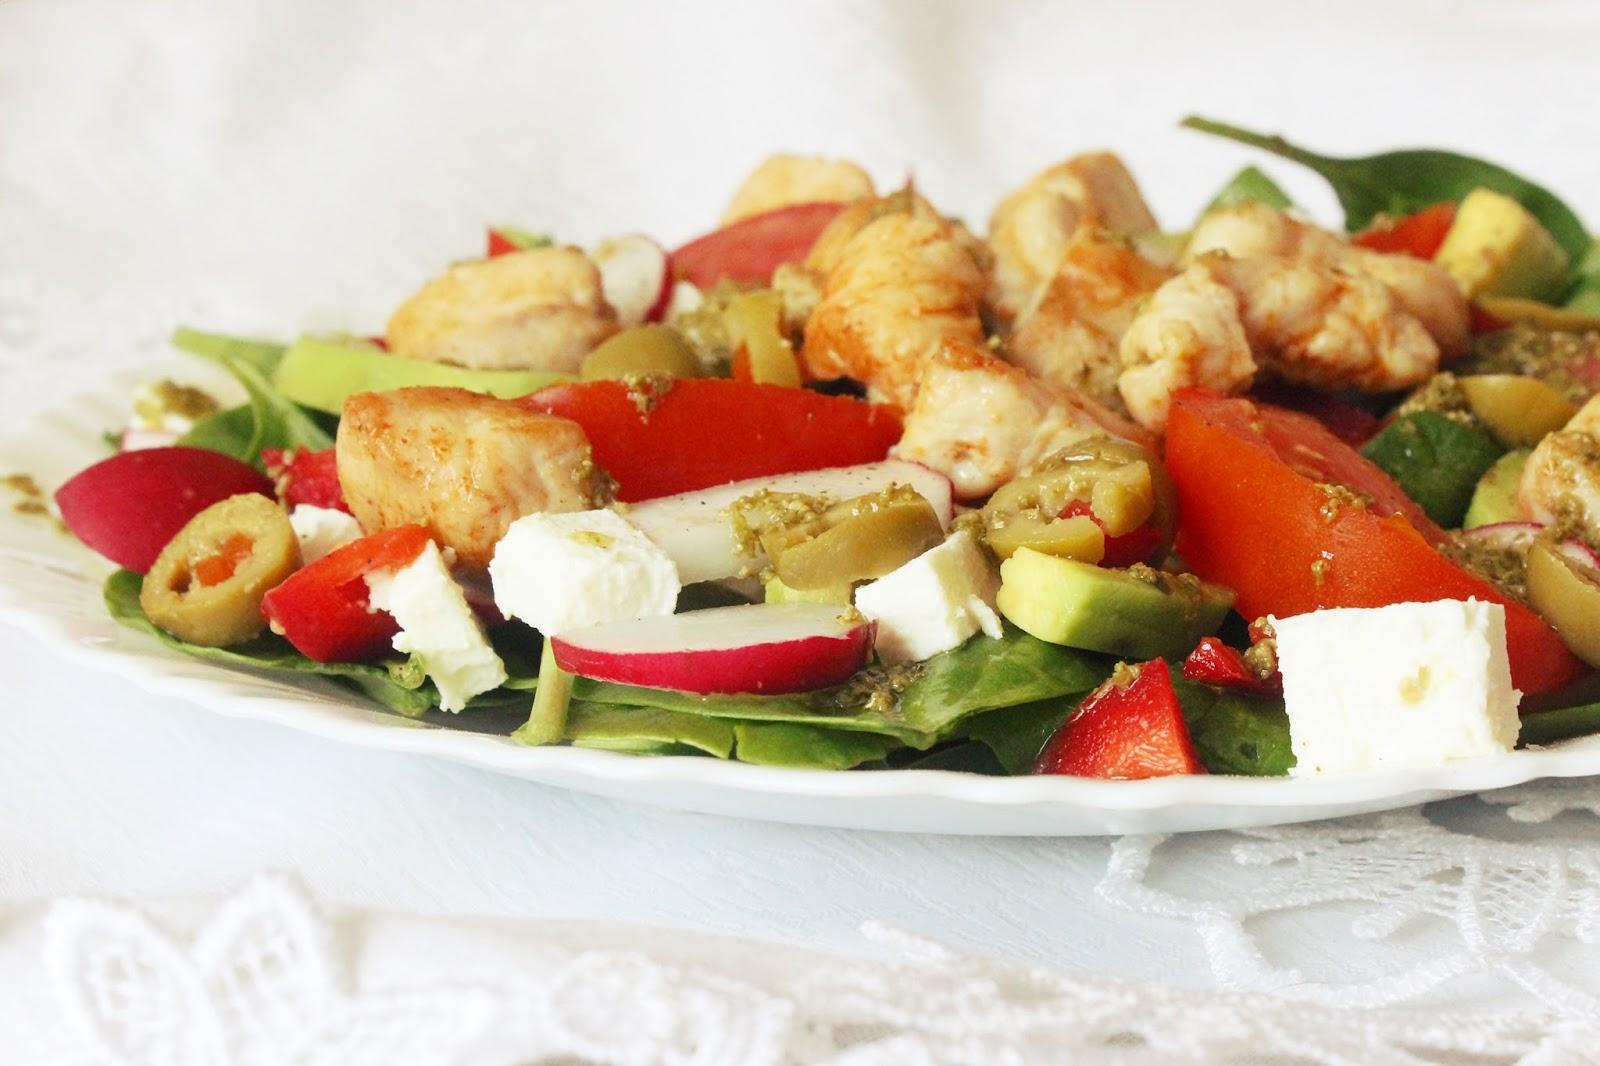 Pyszna i zdrowa sałatka z kurczakiem